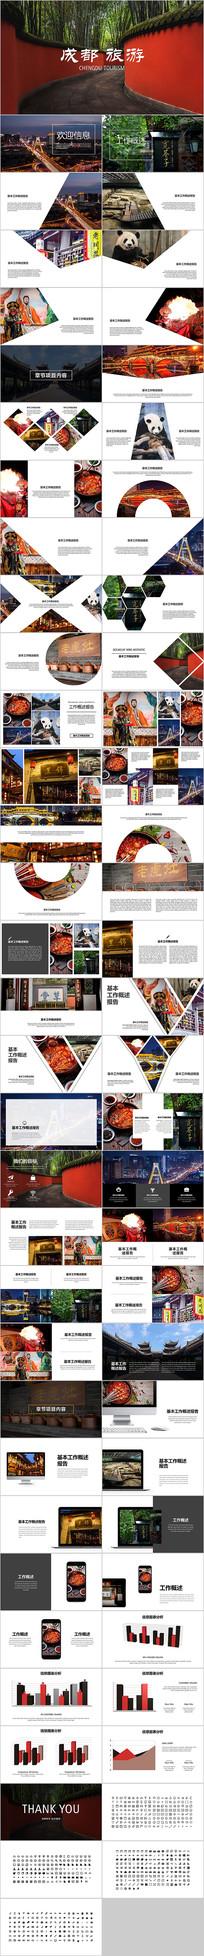 成都旅行旅游美食文化PPT